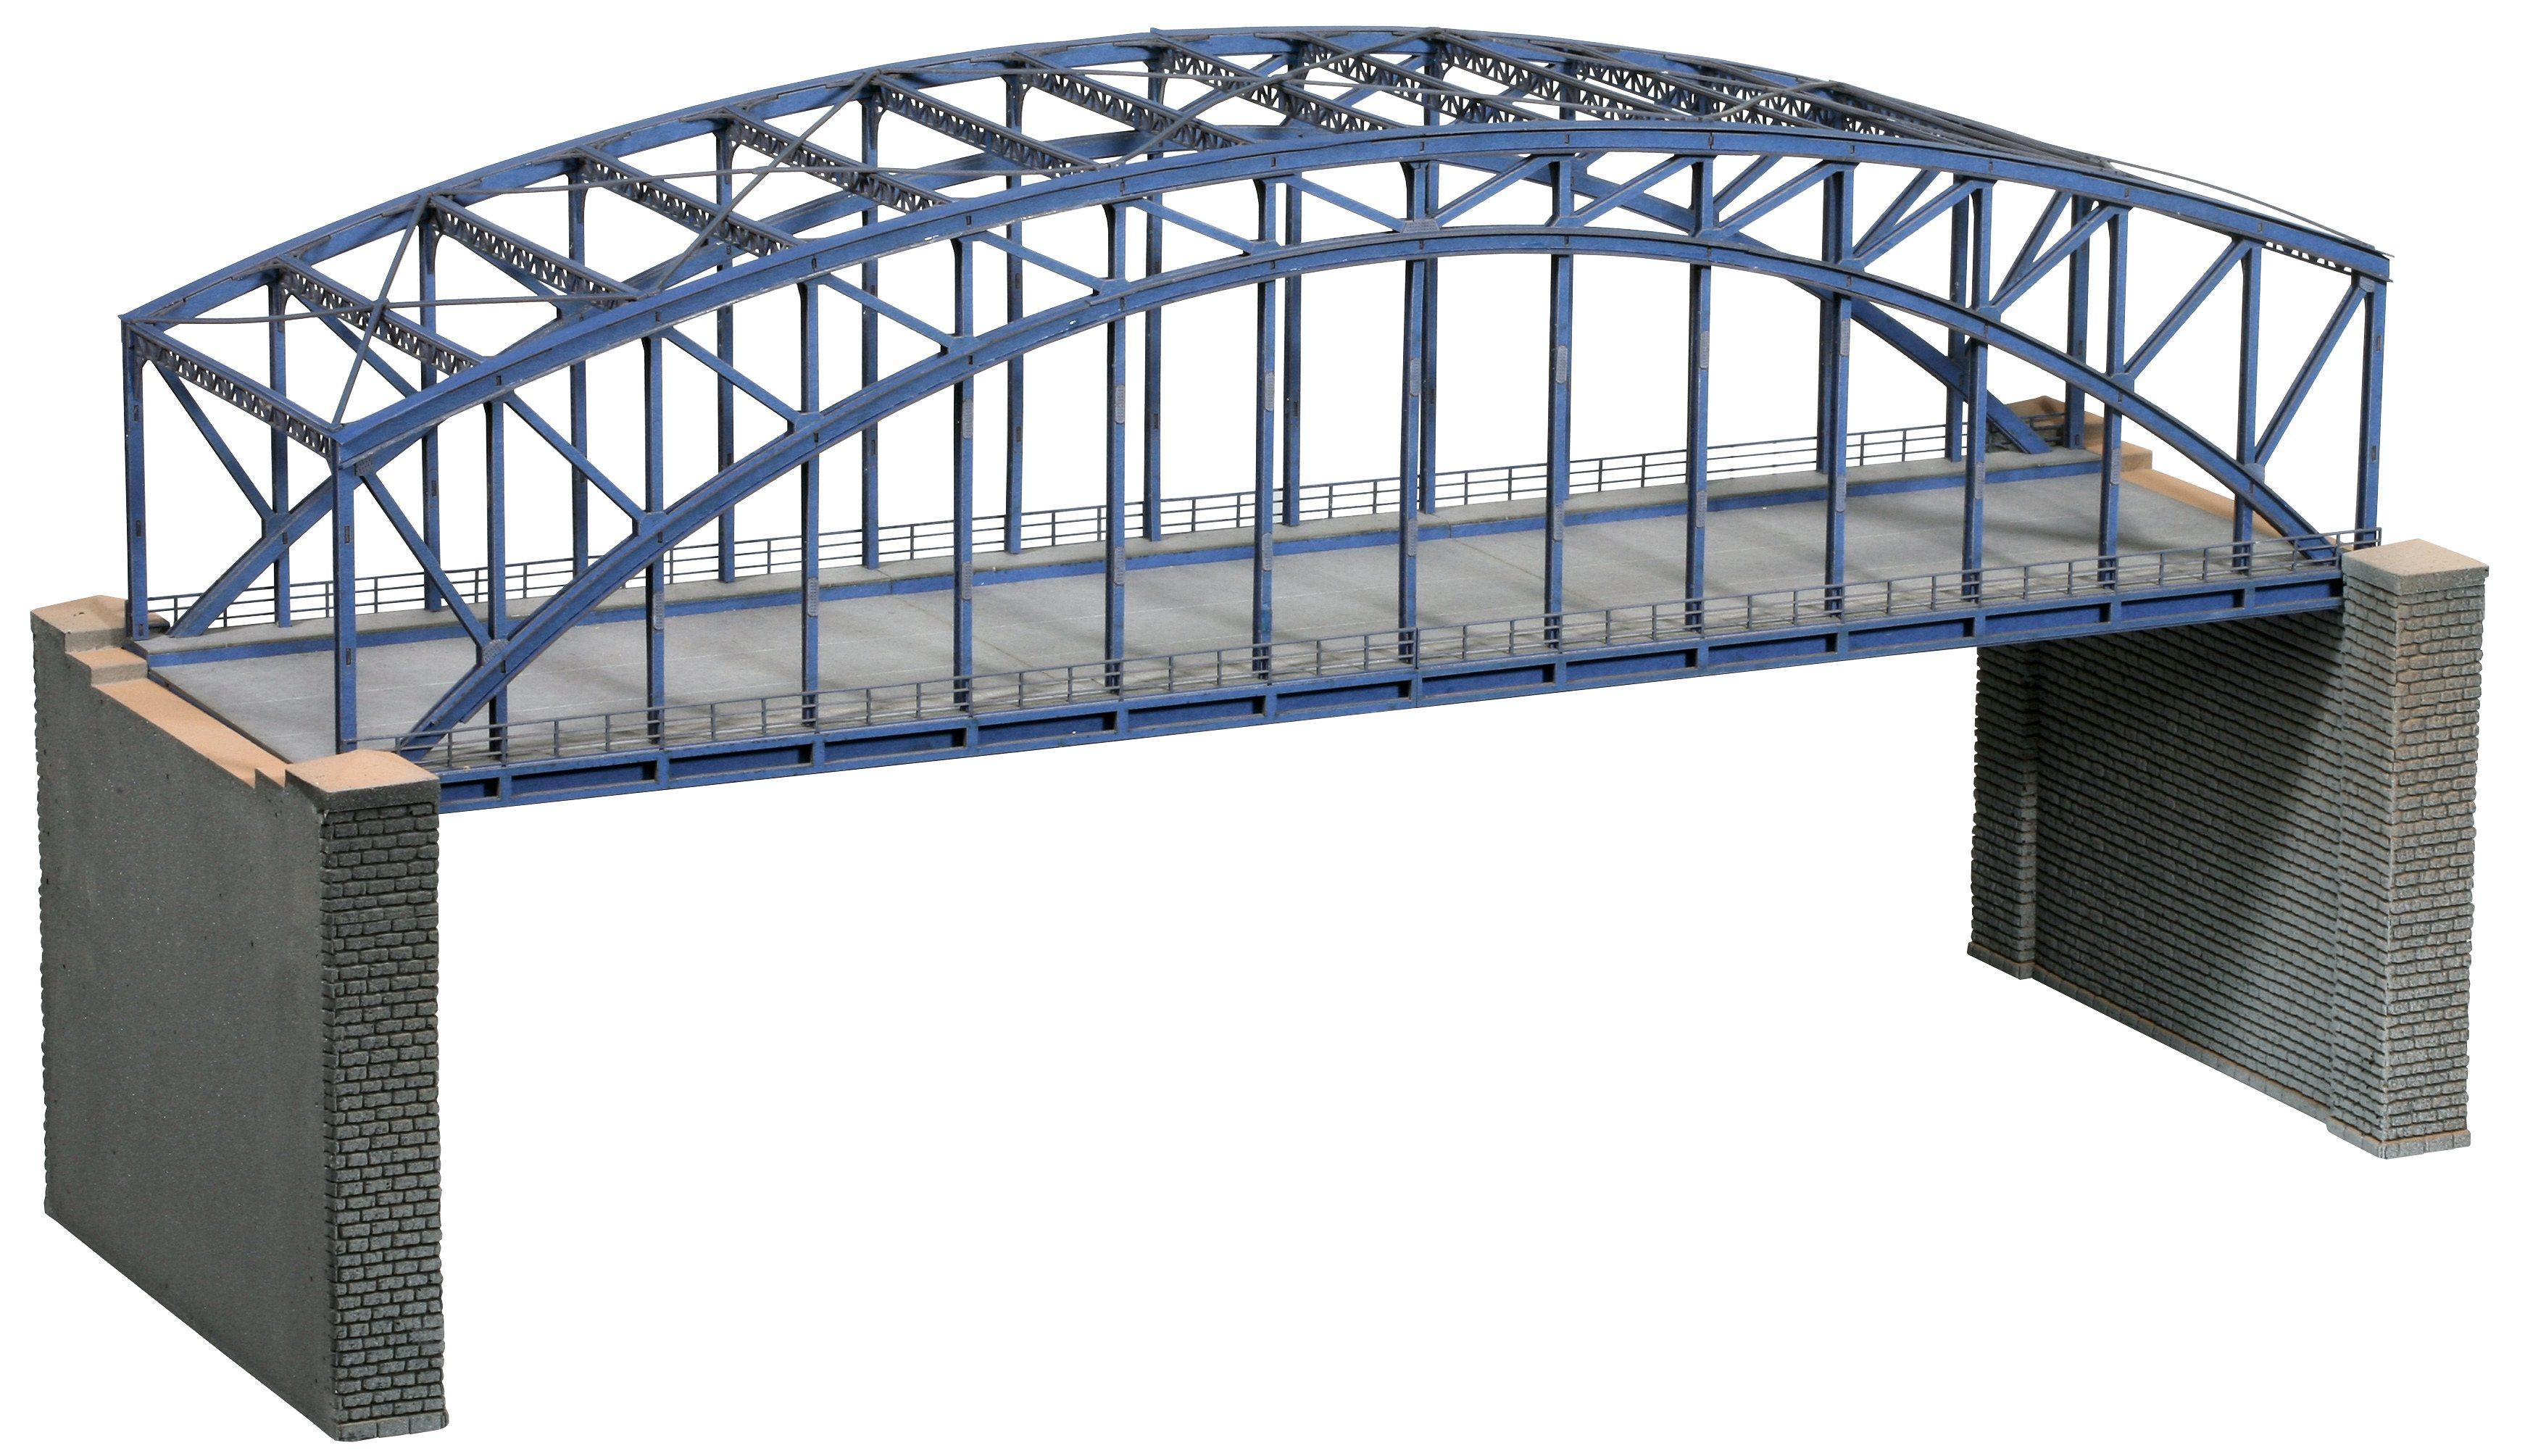 NOCH Modelleisenbahn Zubehör, »Bogenbrücke, 2-gleisig« Spur H0